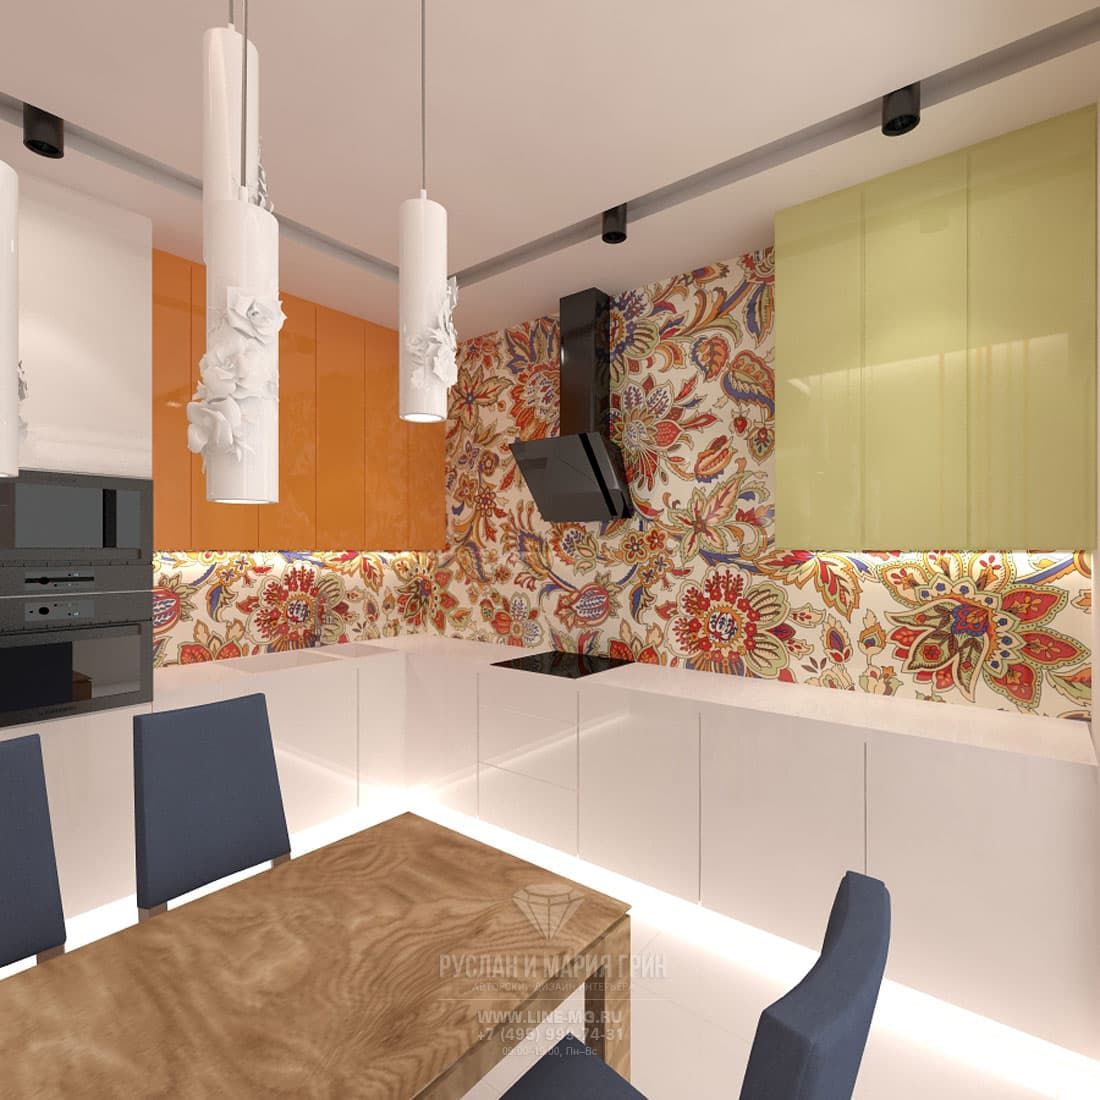 Интерьер светлой современной кухни с яркой плиткой